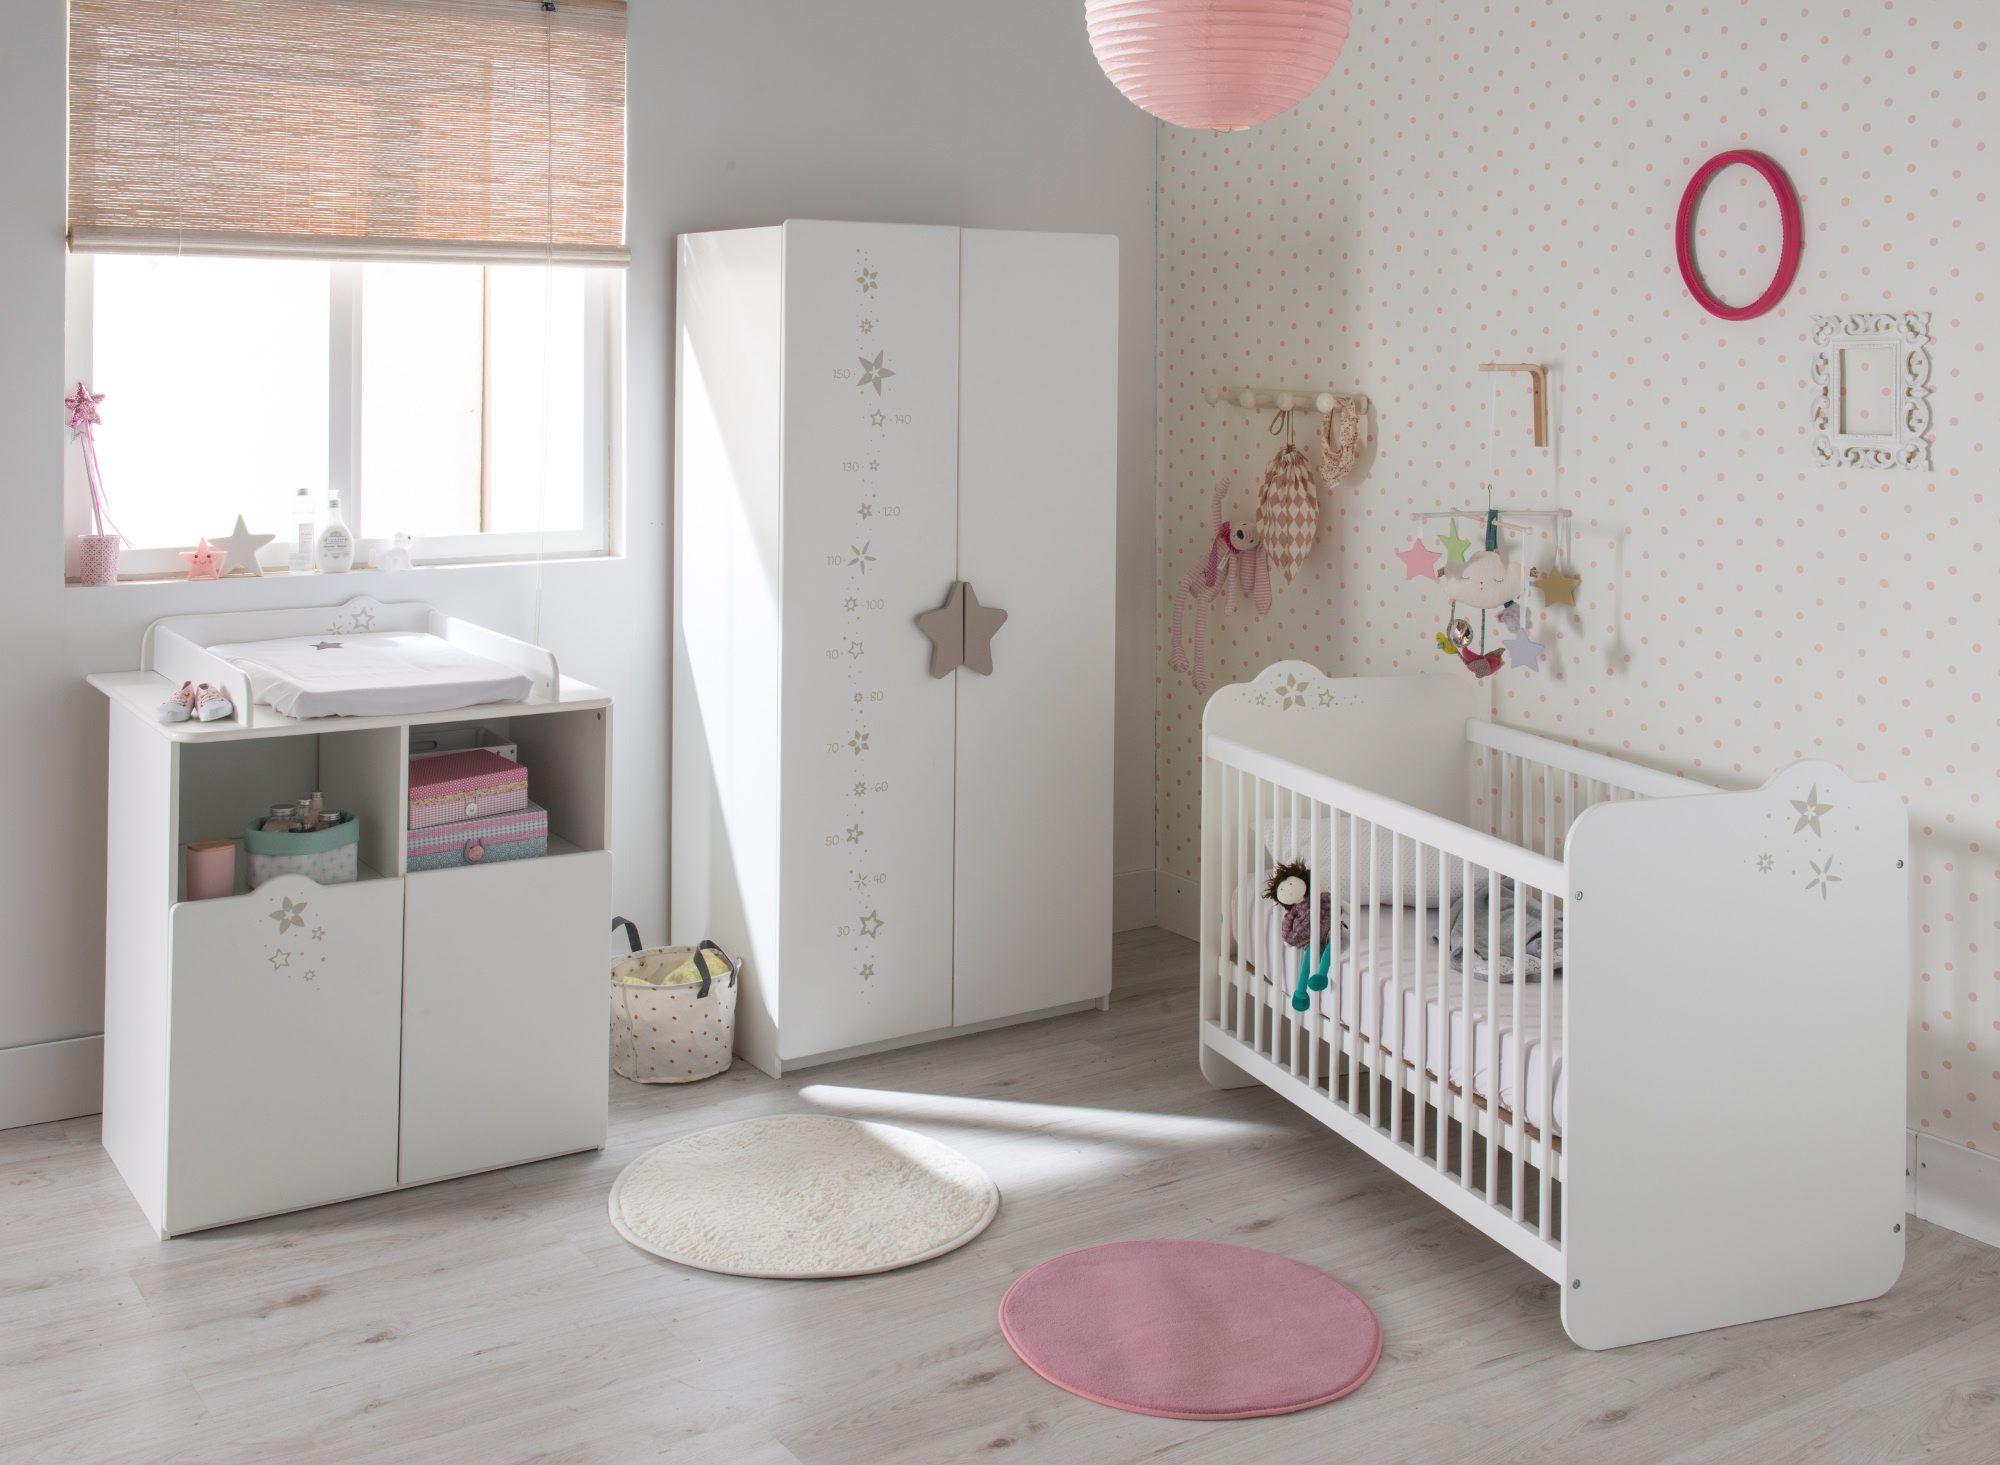 Achat Lit Bebe Pas Cher Retrait Gratuit Ou Livraison A Domicile Armoire 2 Portes Lit Bebe Lit Bebe Blanc